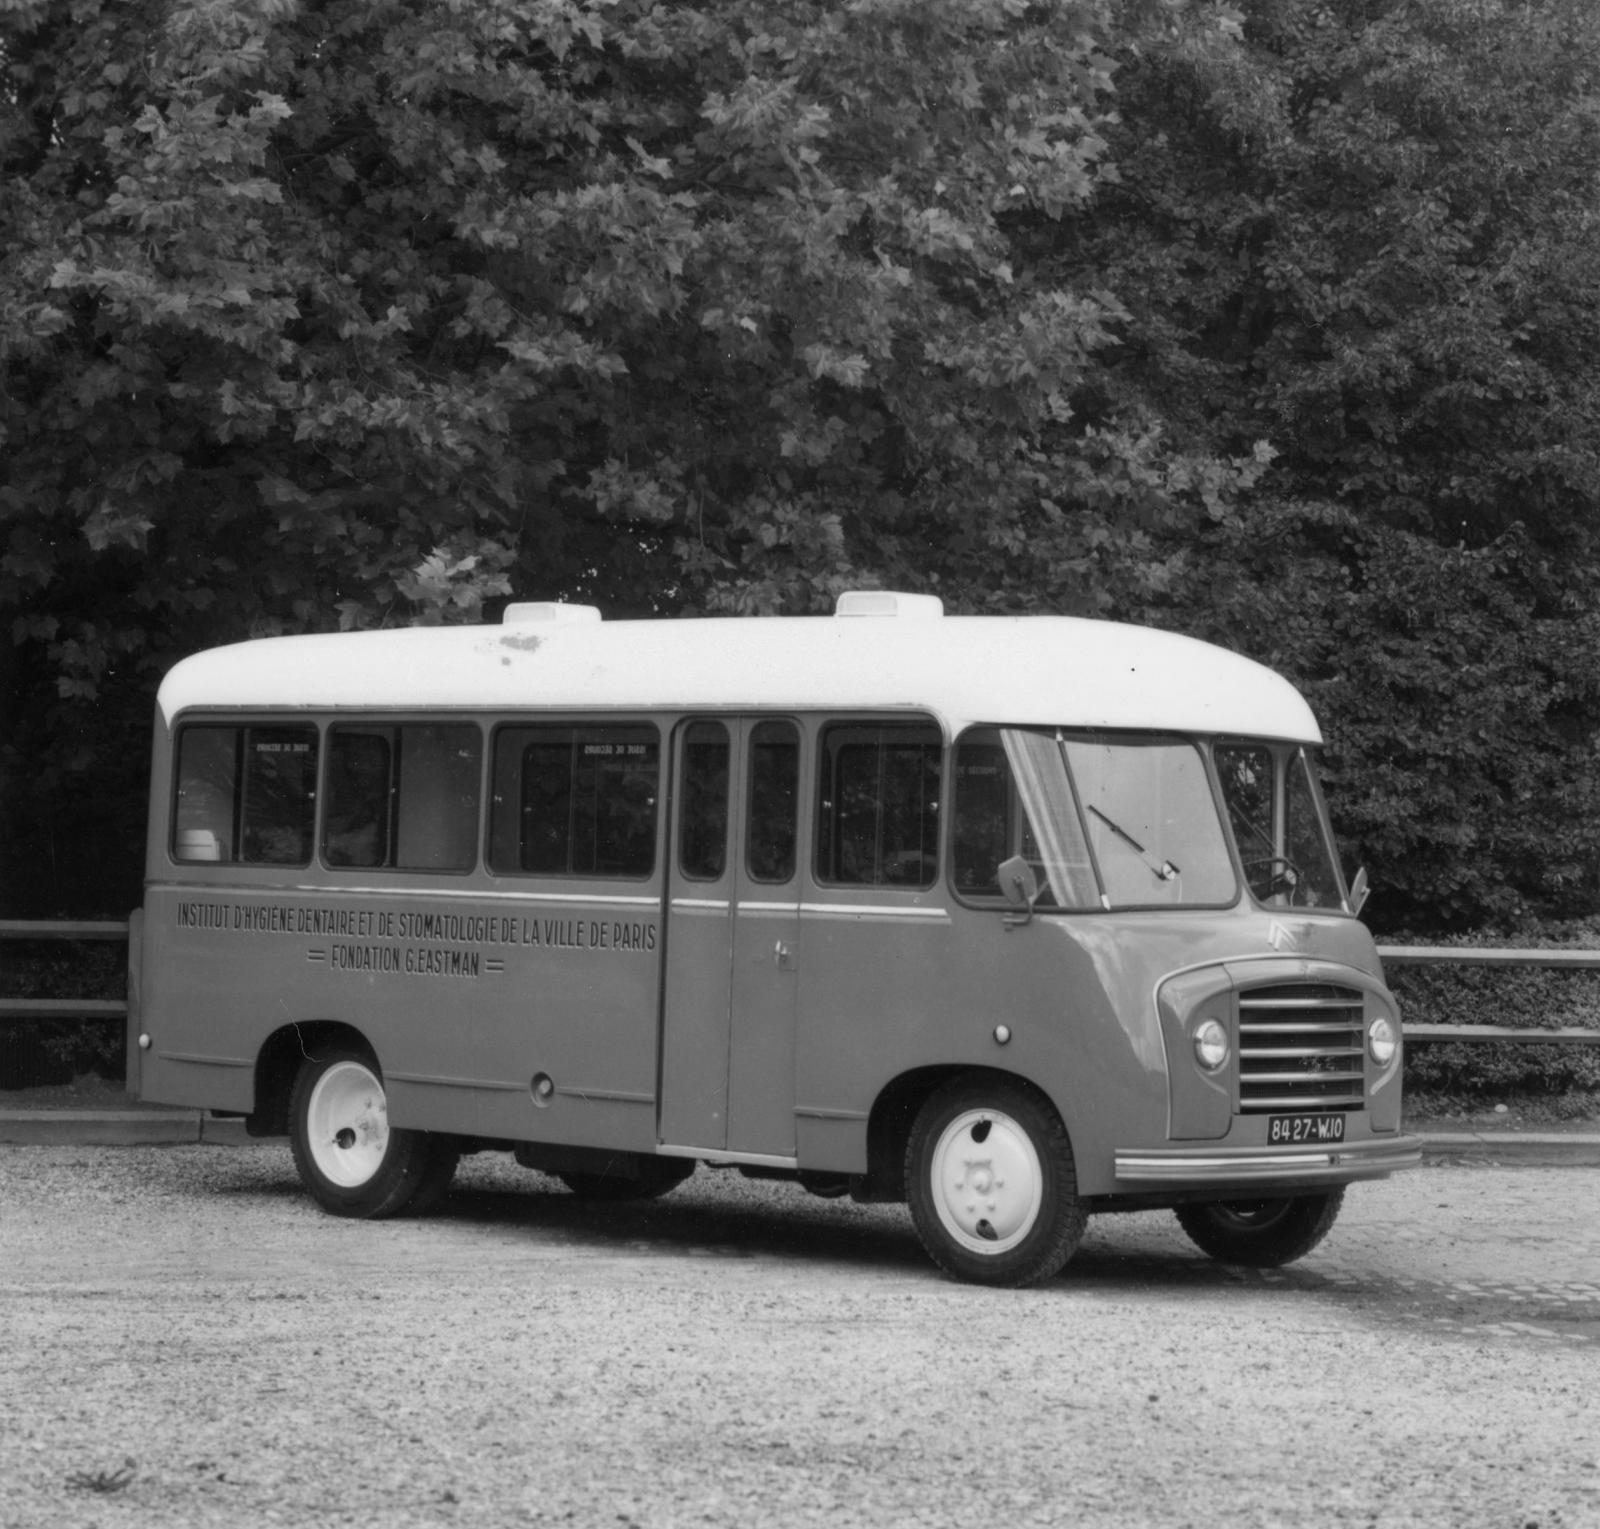 パリ市衛生局および口腔医学院用のバス